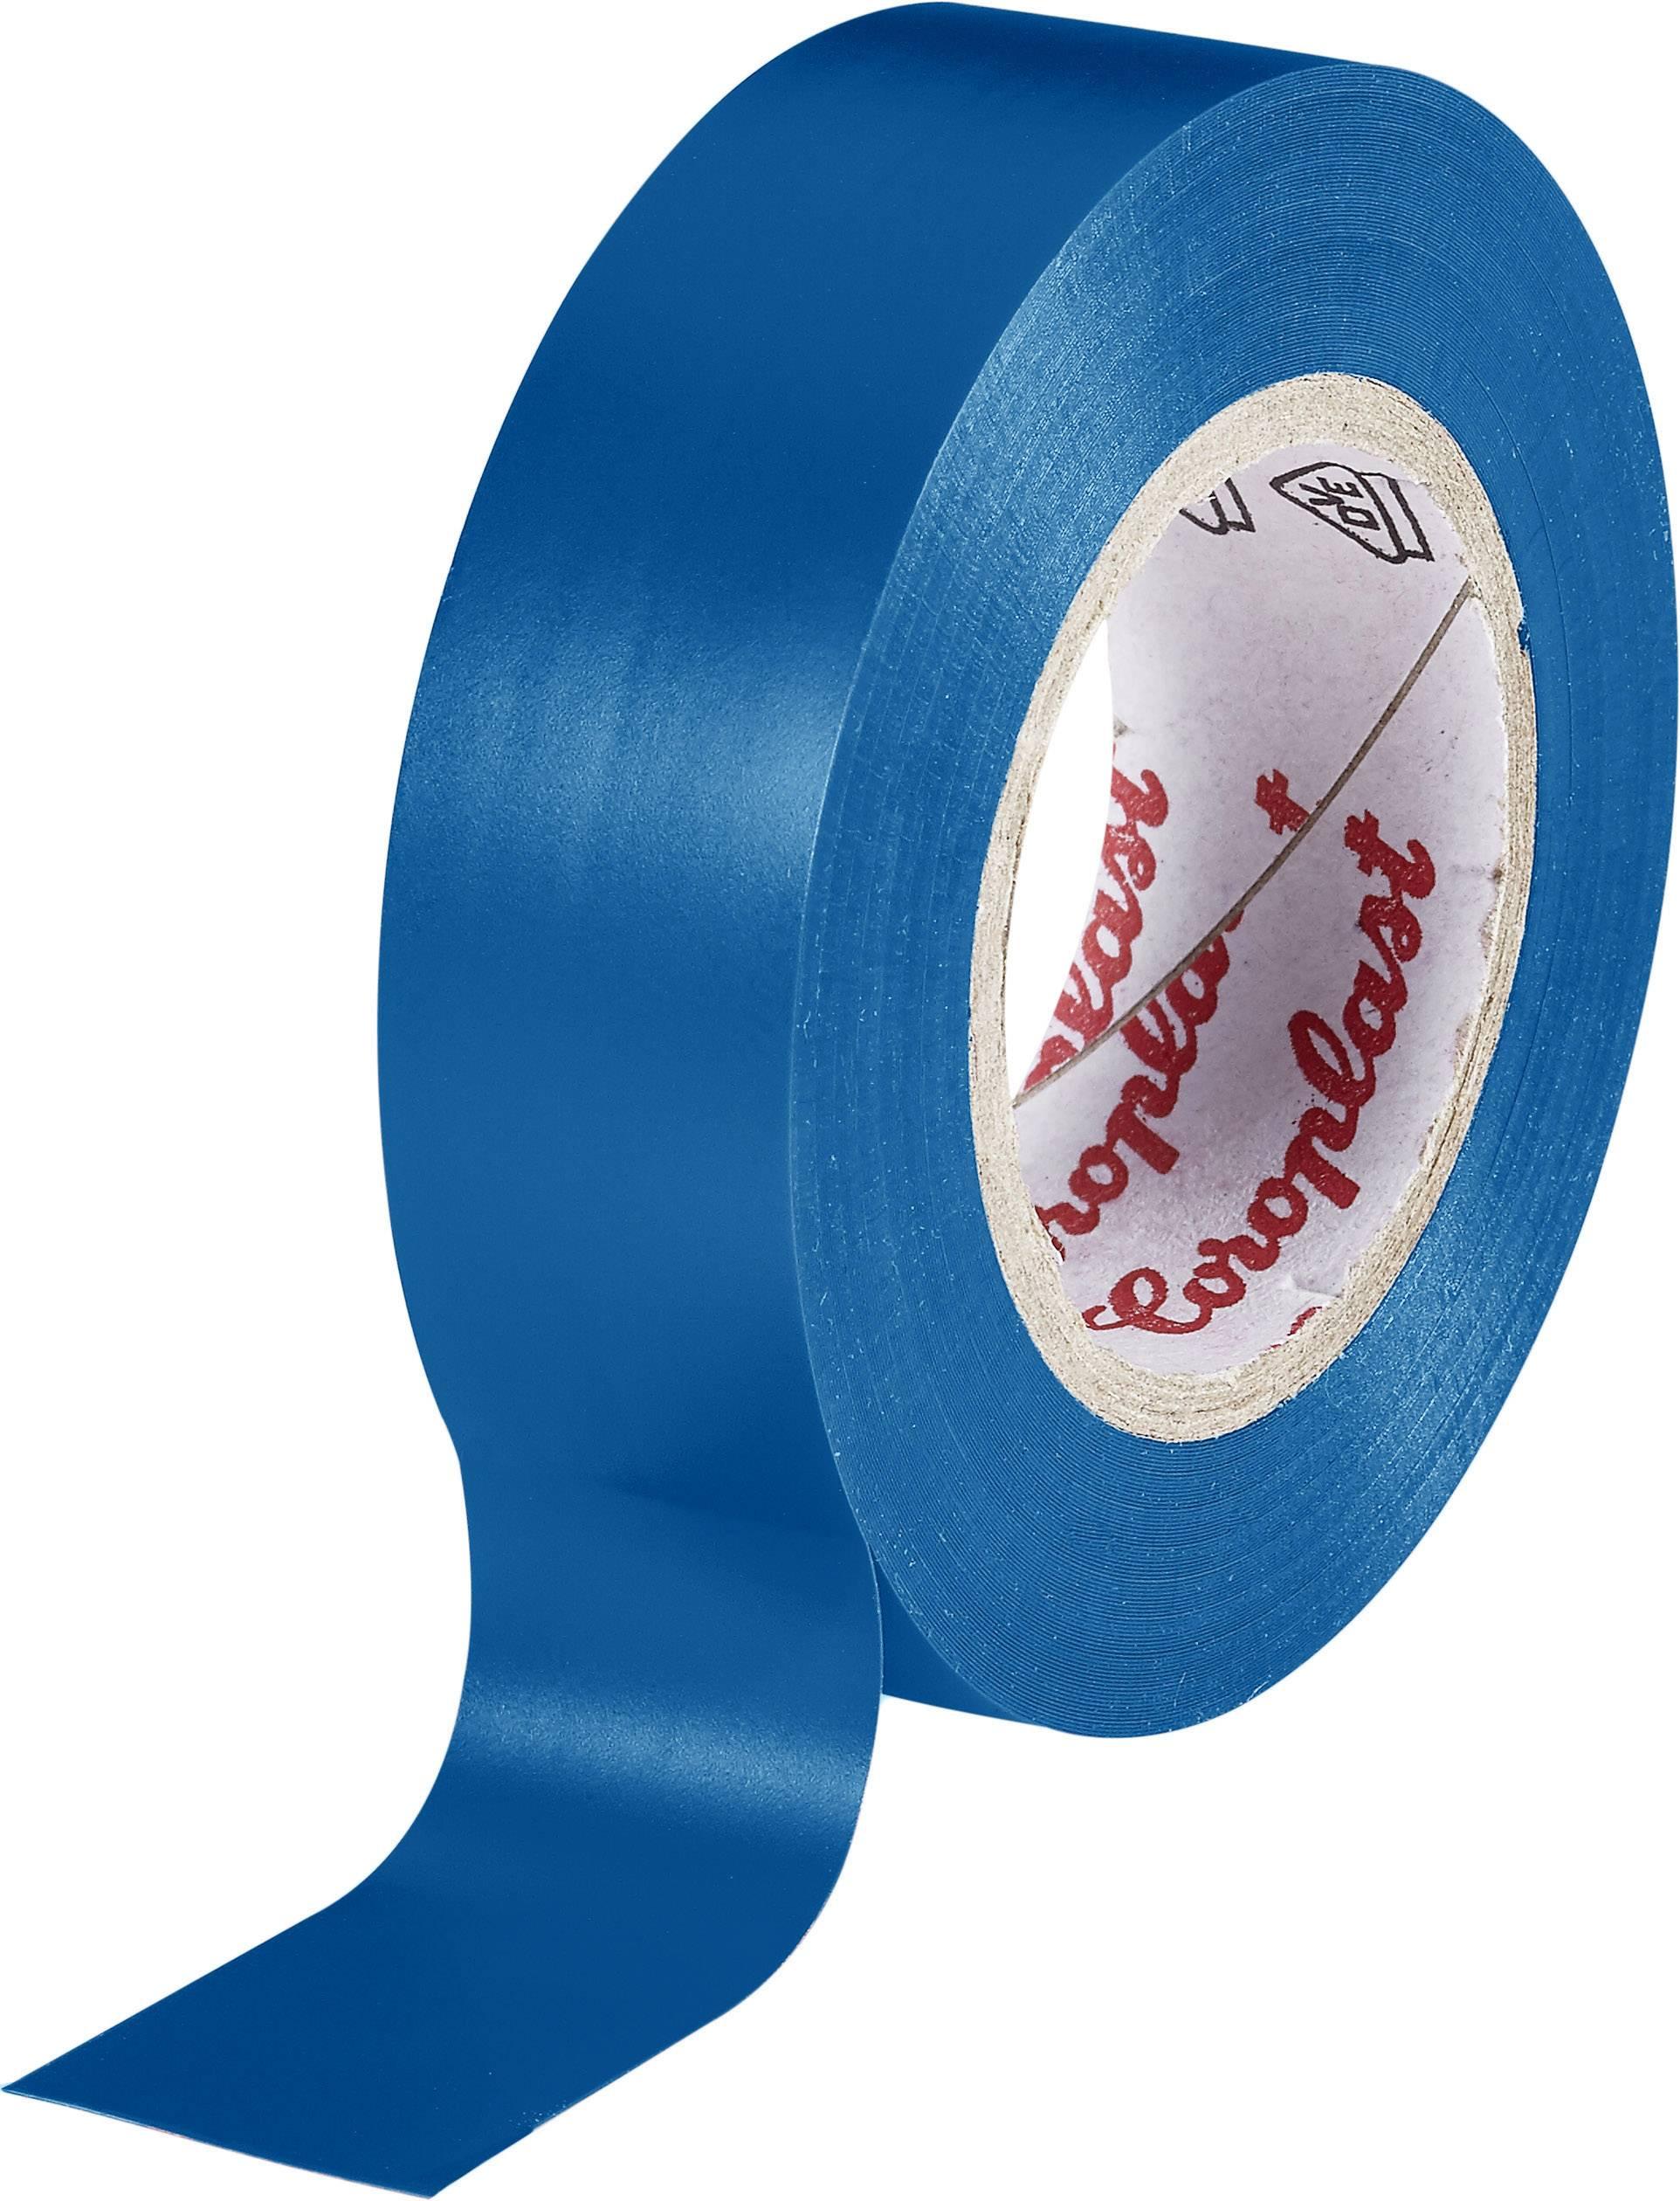 Izolačná páska Coroplast 302 302, (d x š) 10 m x 15 mm, modrá, 1 roliek